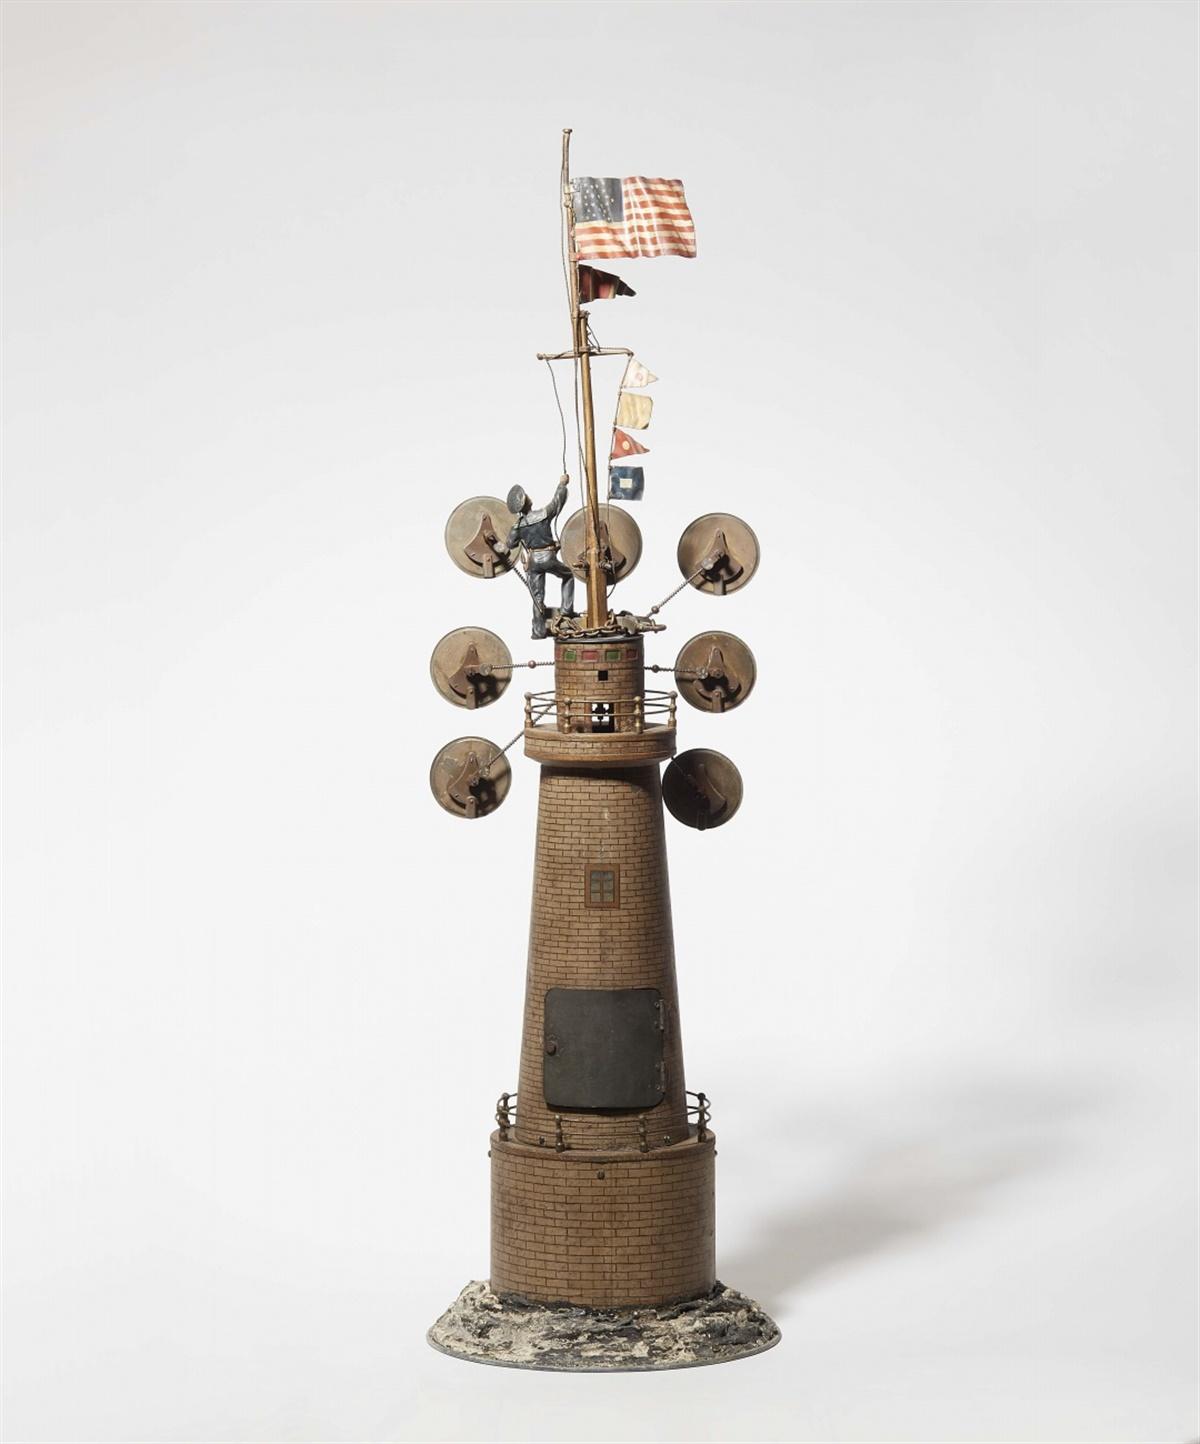 Lot 1 - Leuchtturm mit WeltzeituhrKupfer- und Eisenblech, lackiert. Skelettiertes Messing-Pendelwerk mit